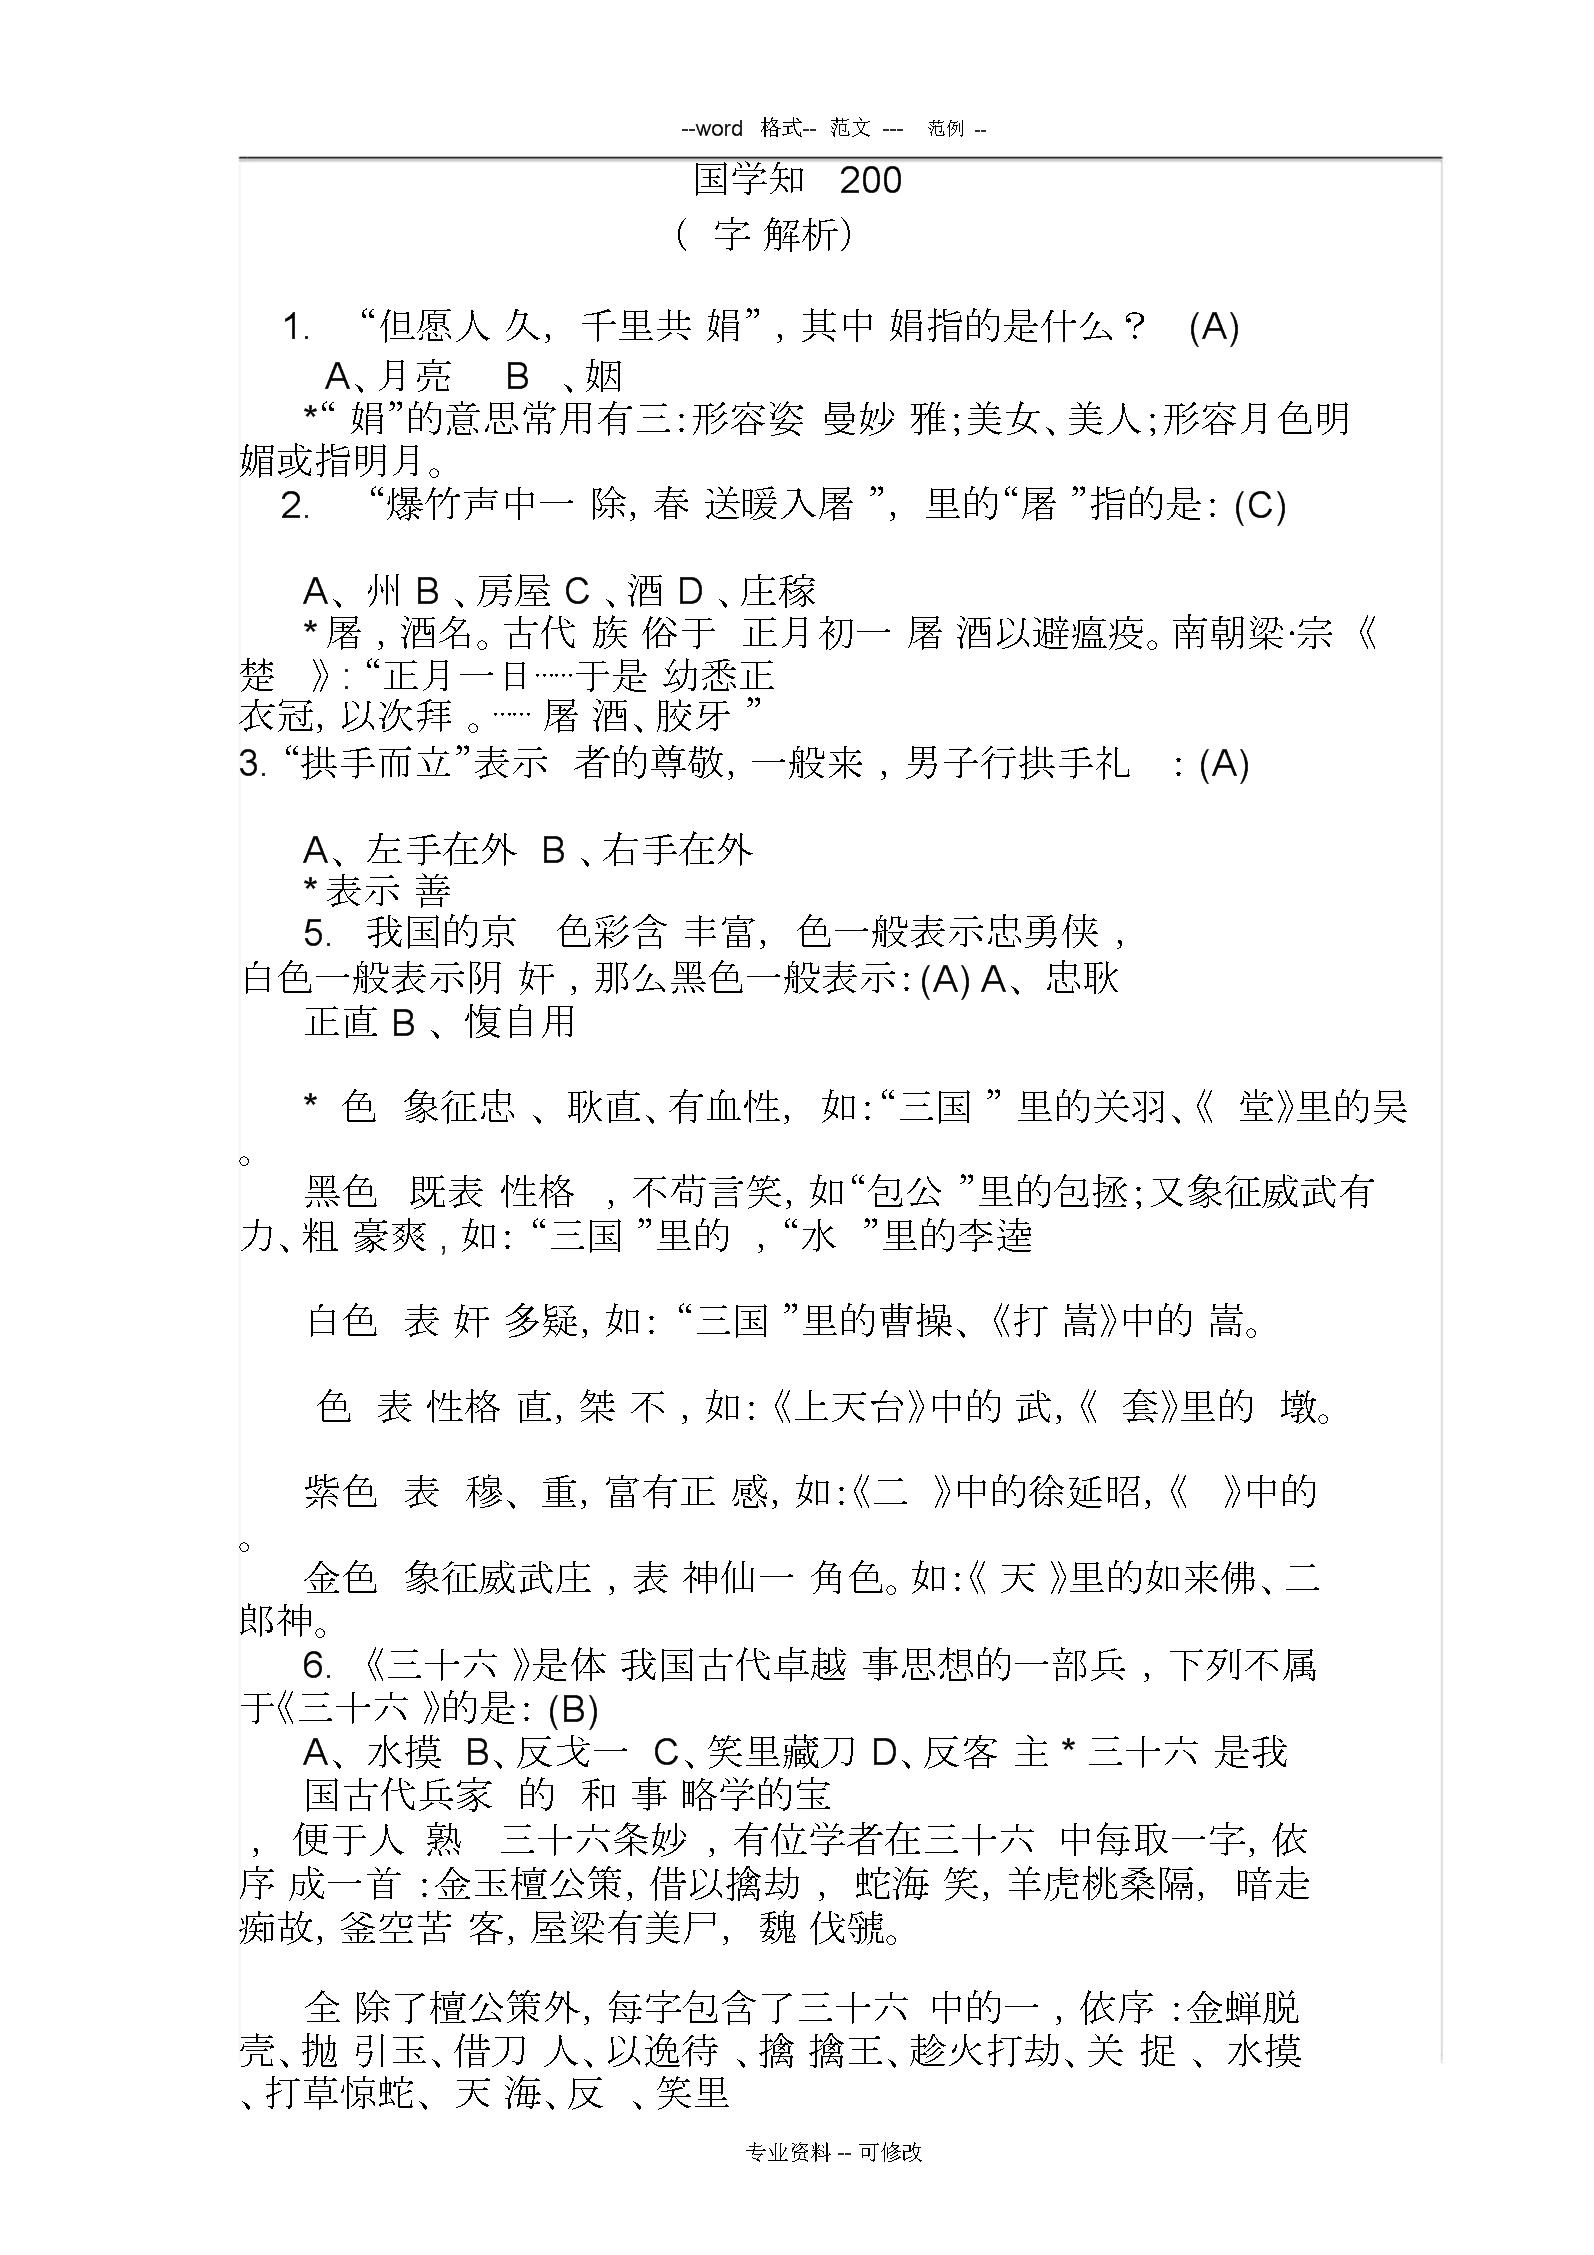 (精心排版)国学知识200题(附答案与解析).docx